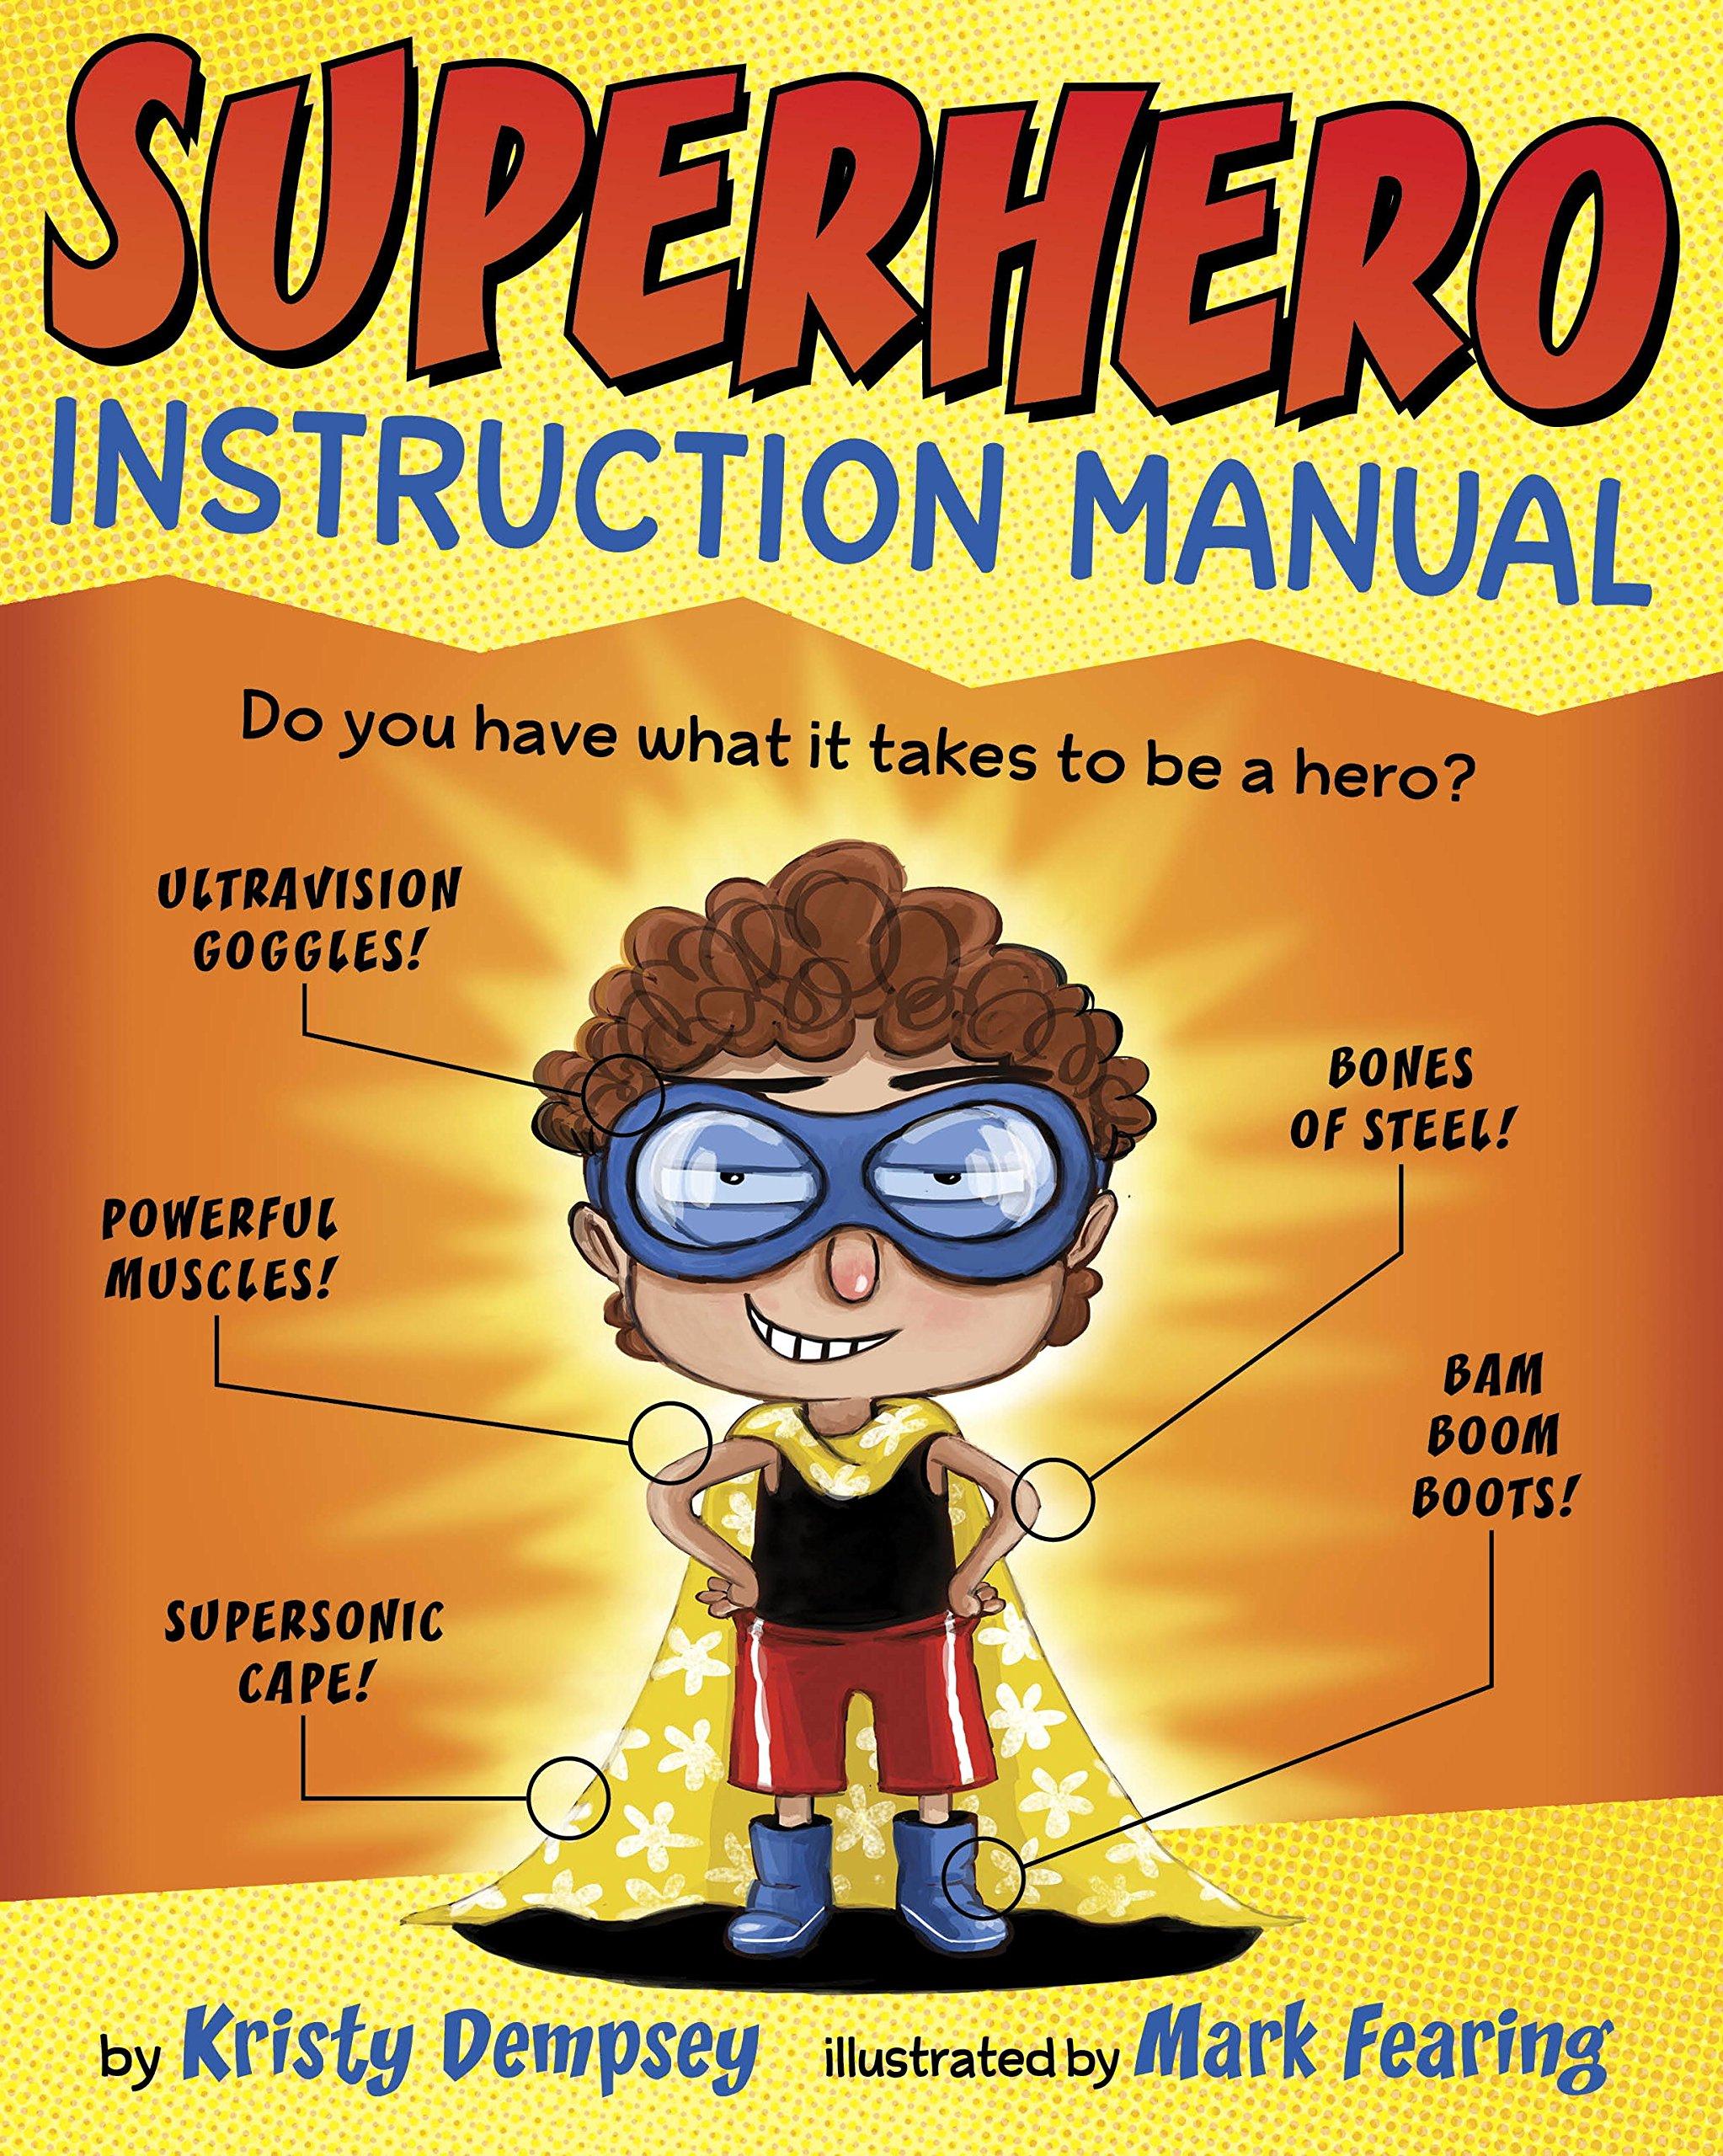 Superhero Instruction Manual Kristy Dempsey product image